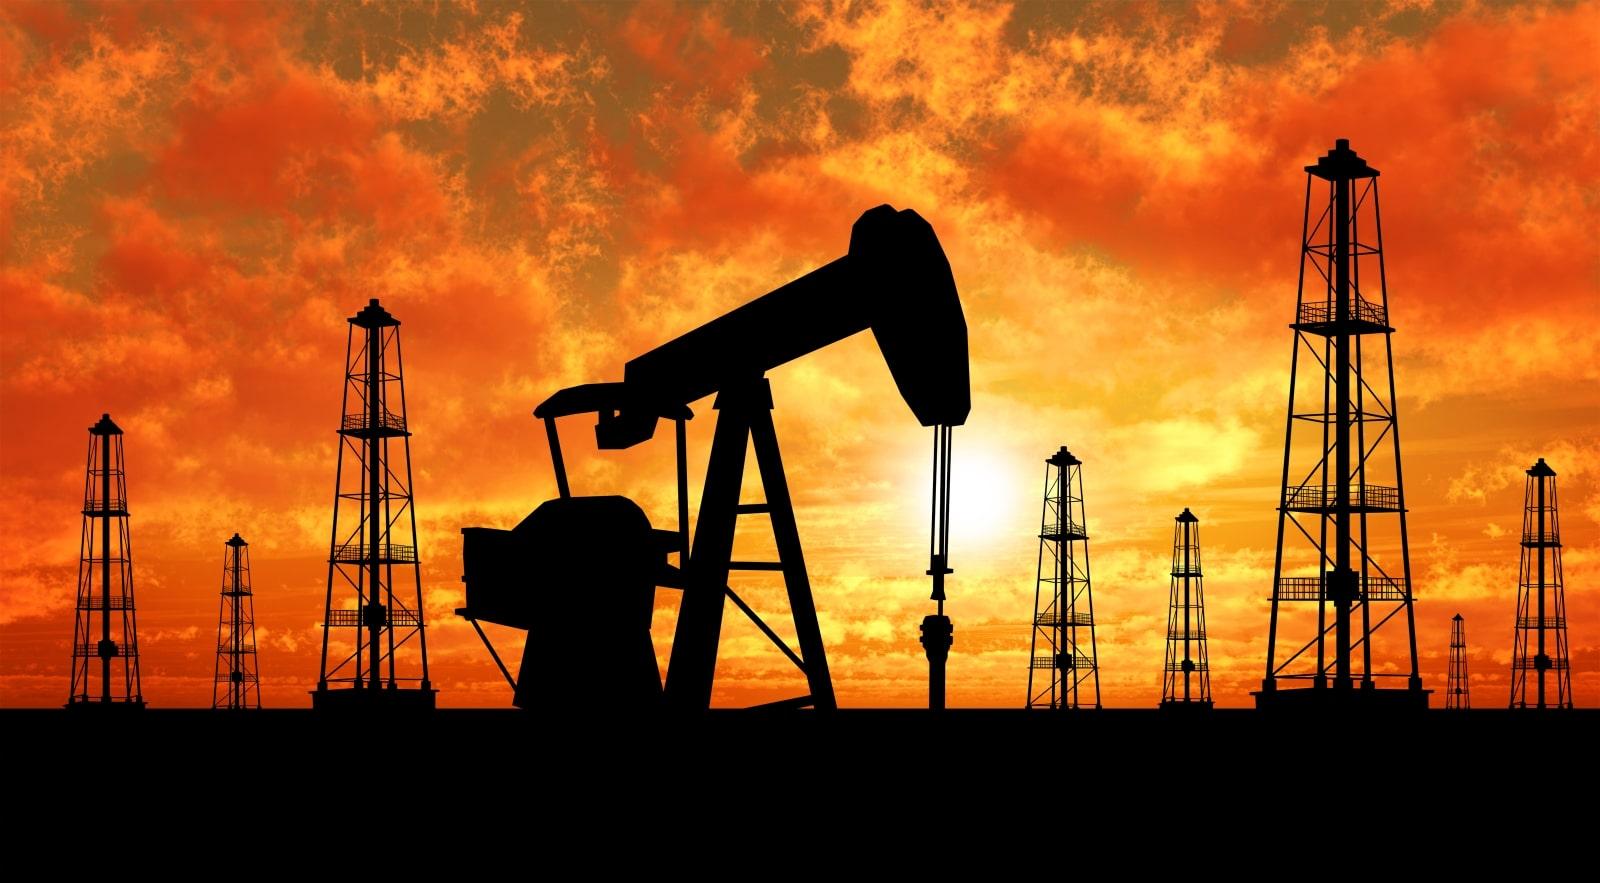 Спрос на нефть упадет почти до нуля, назван срок: Bloomberg предрек России крупную проблему